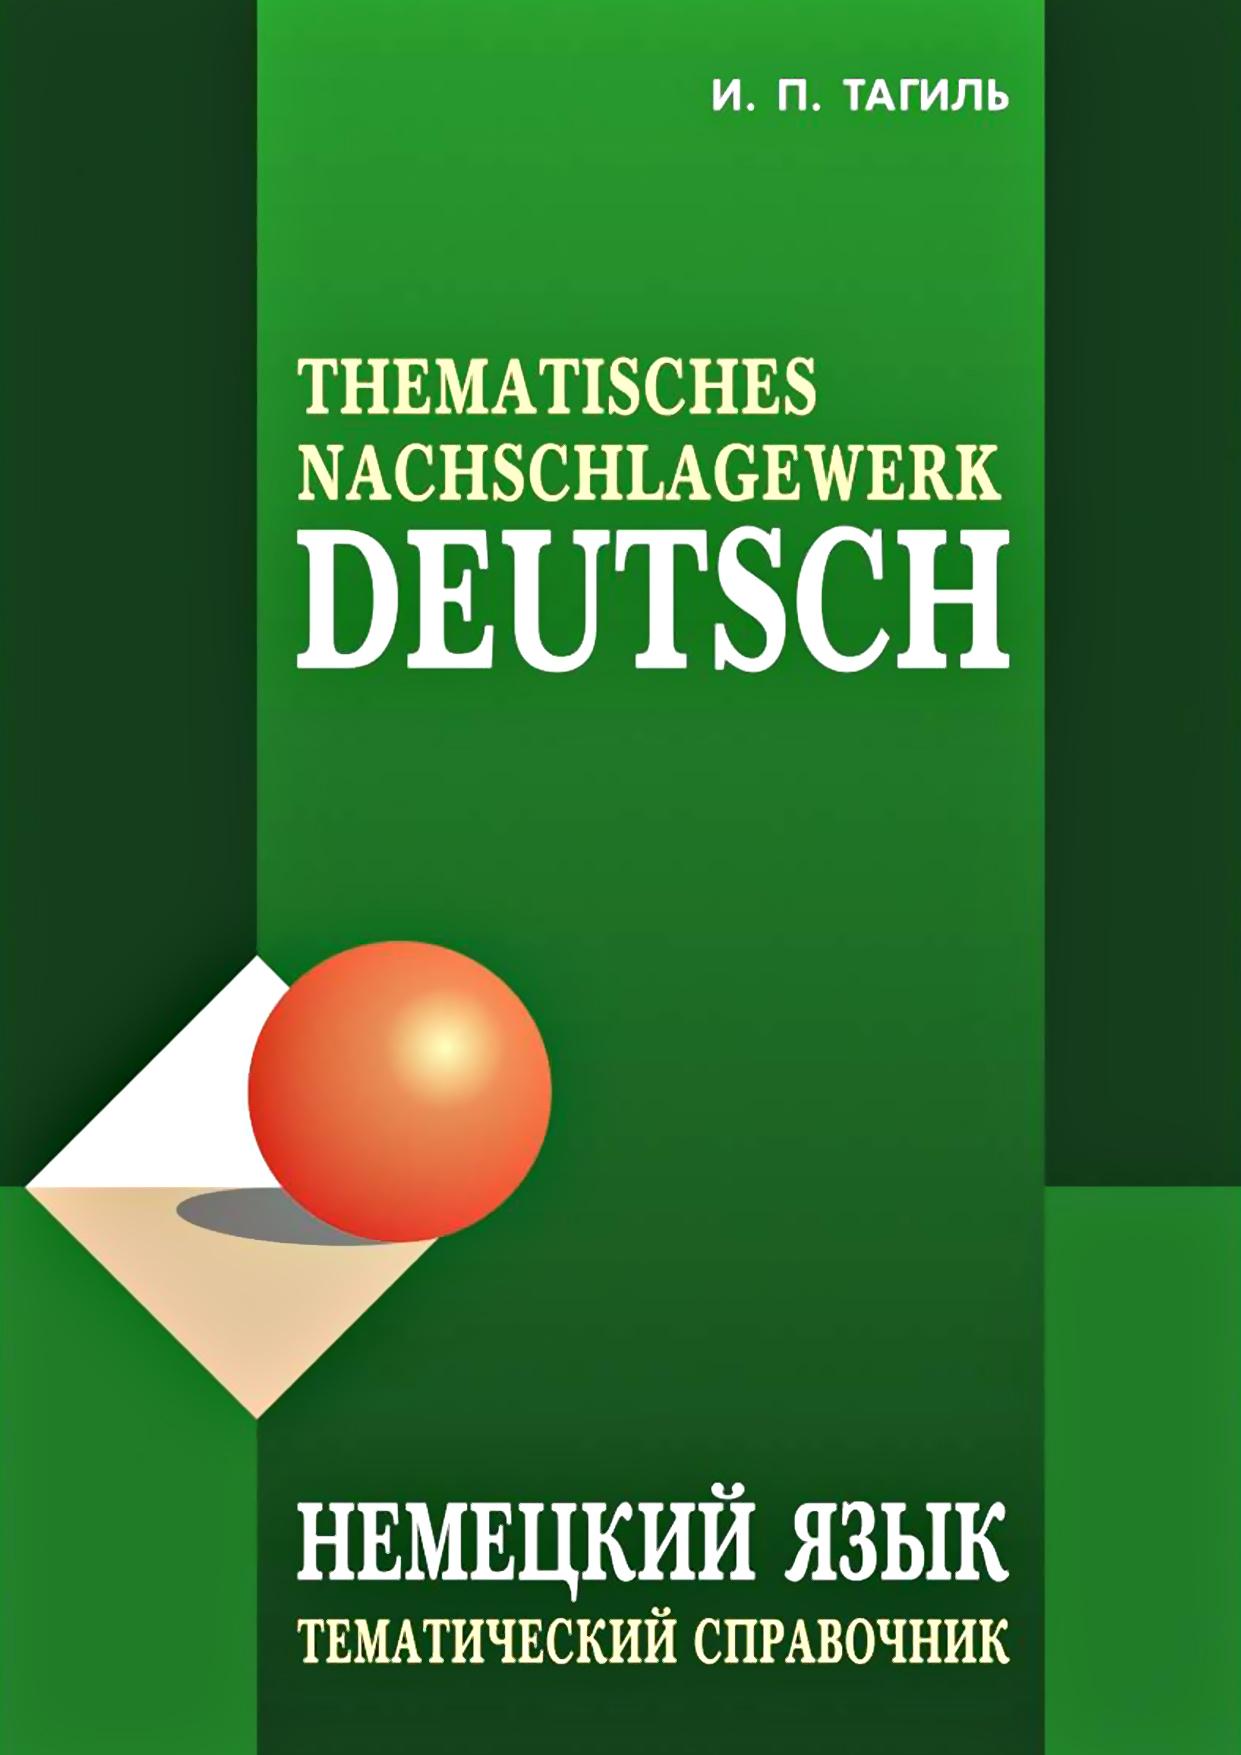 И. П. Тагиль Немецкий язык. Тематический справочник / Deutsch: Thematisches Nachschlagewerk немецкий язык тематический справочник